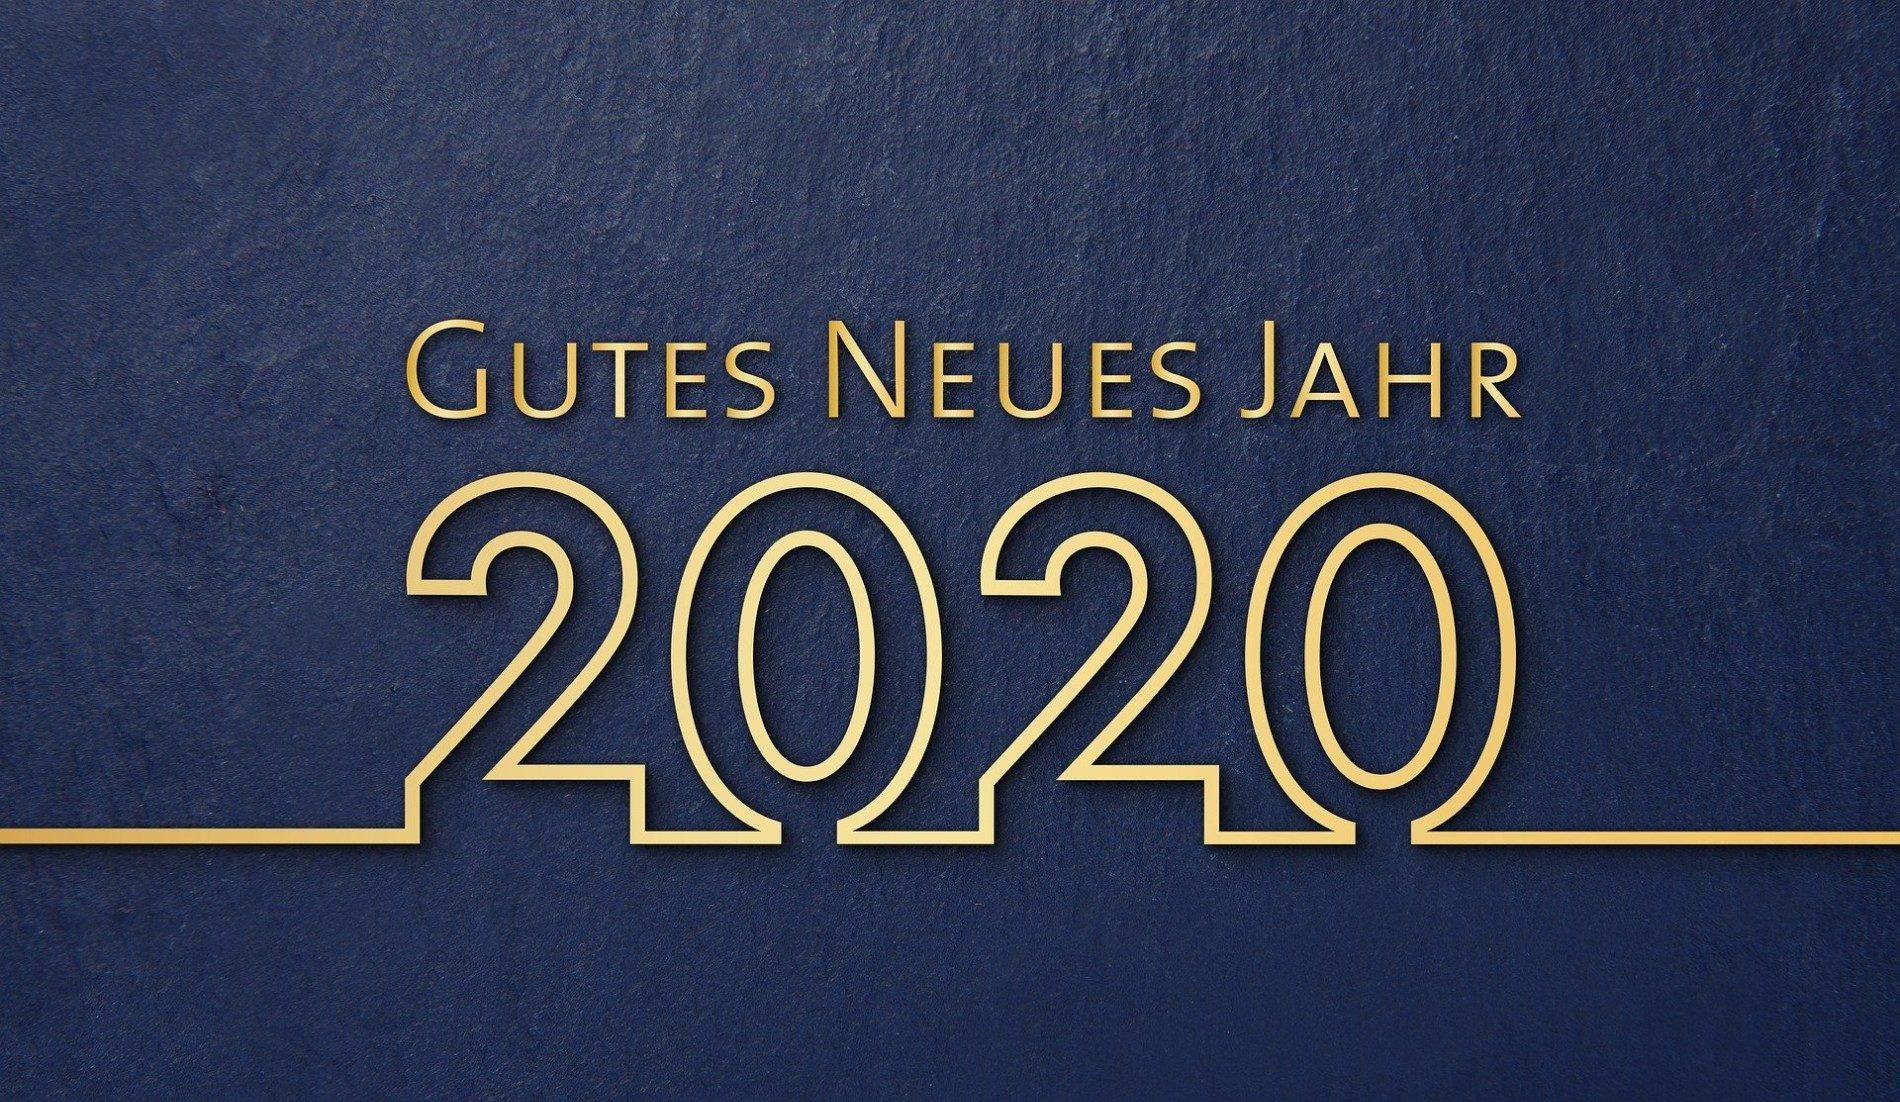 Gutes neues Jahr 2020 Streutalallianz (Foto: pixabay)